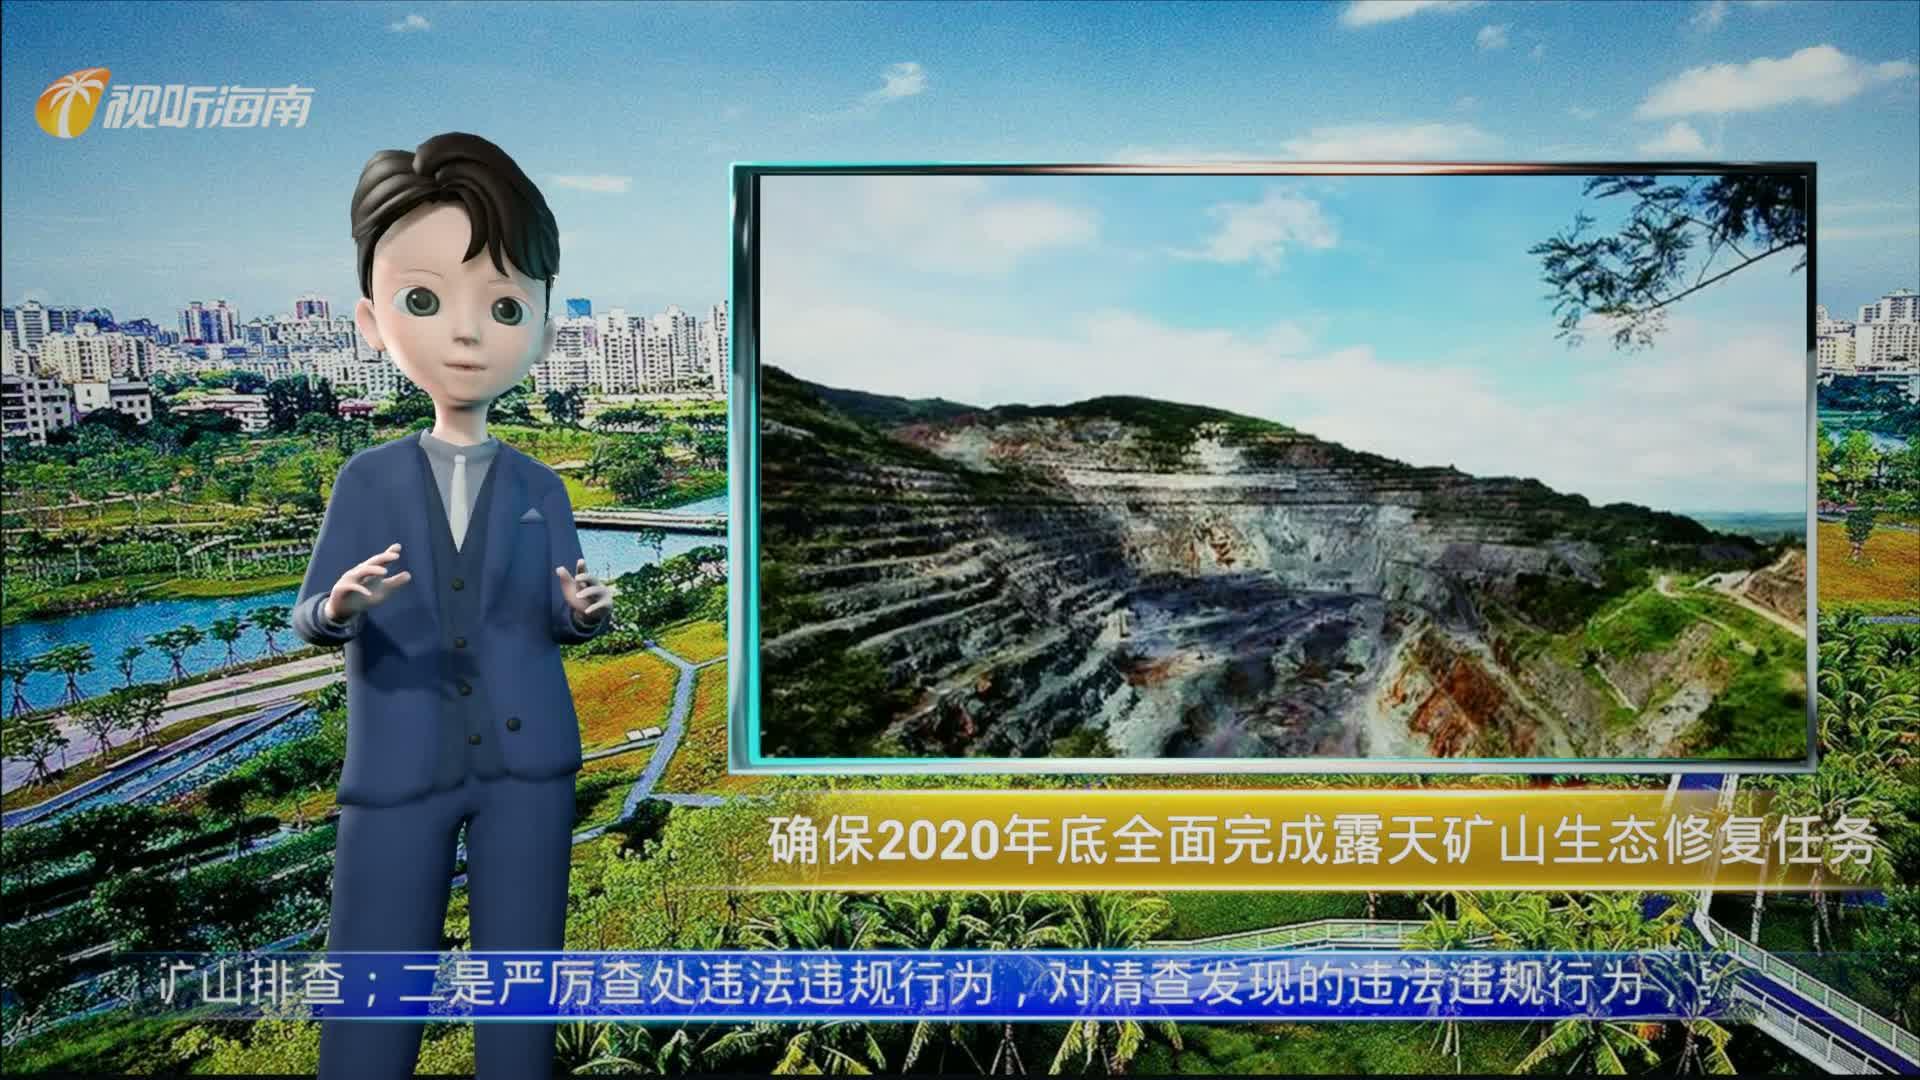 AI播報|海南將對露天礦山實施綜合整治 修復露天礦山生態